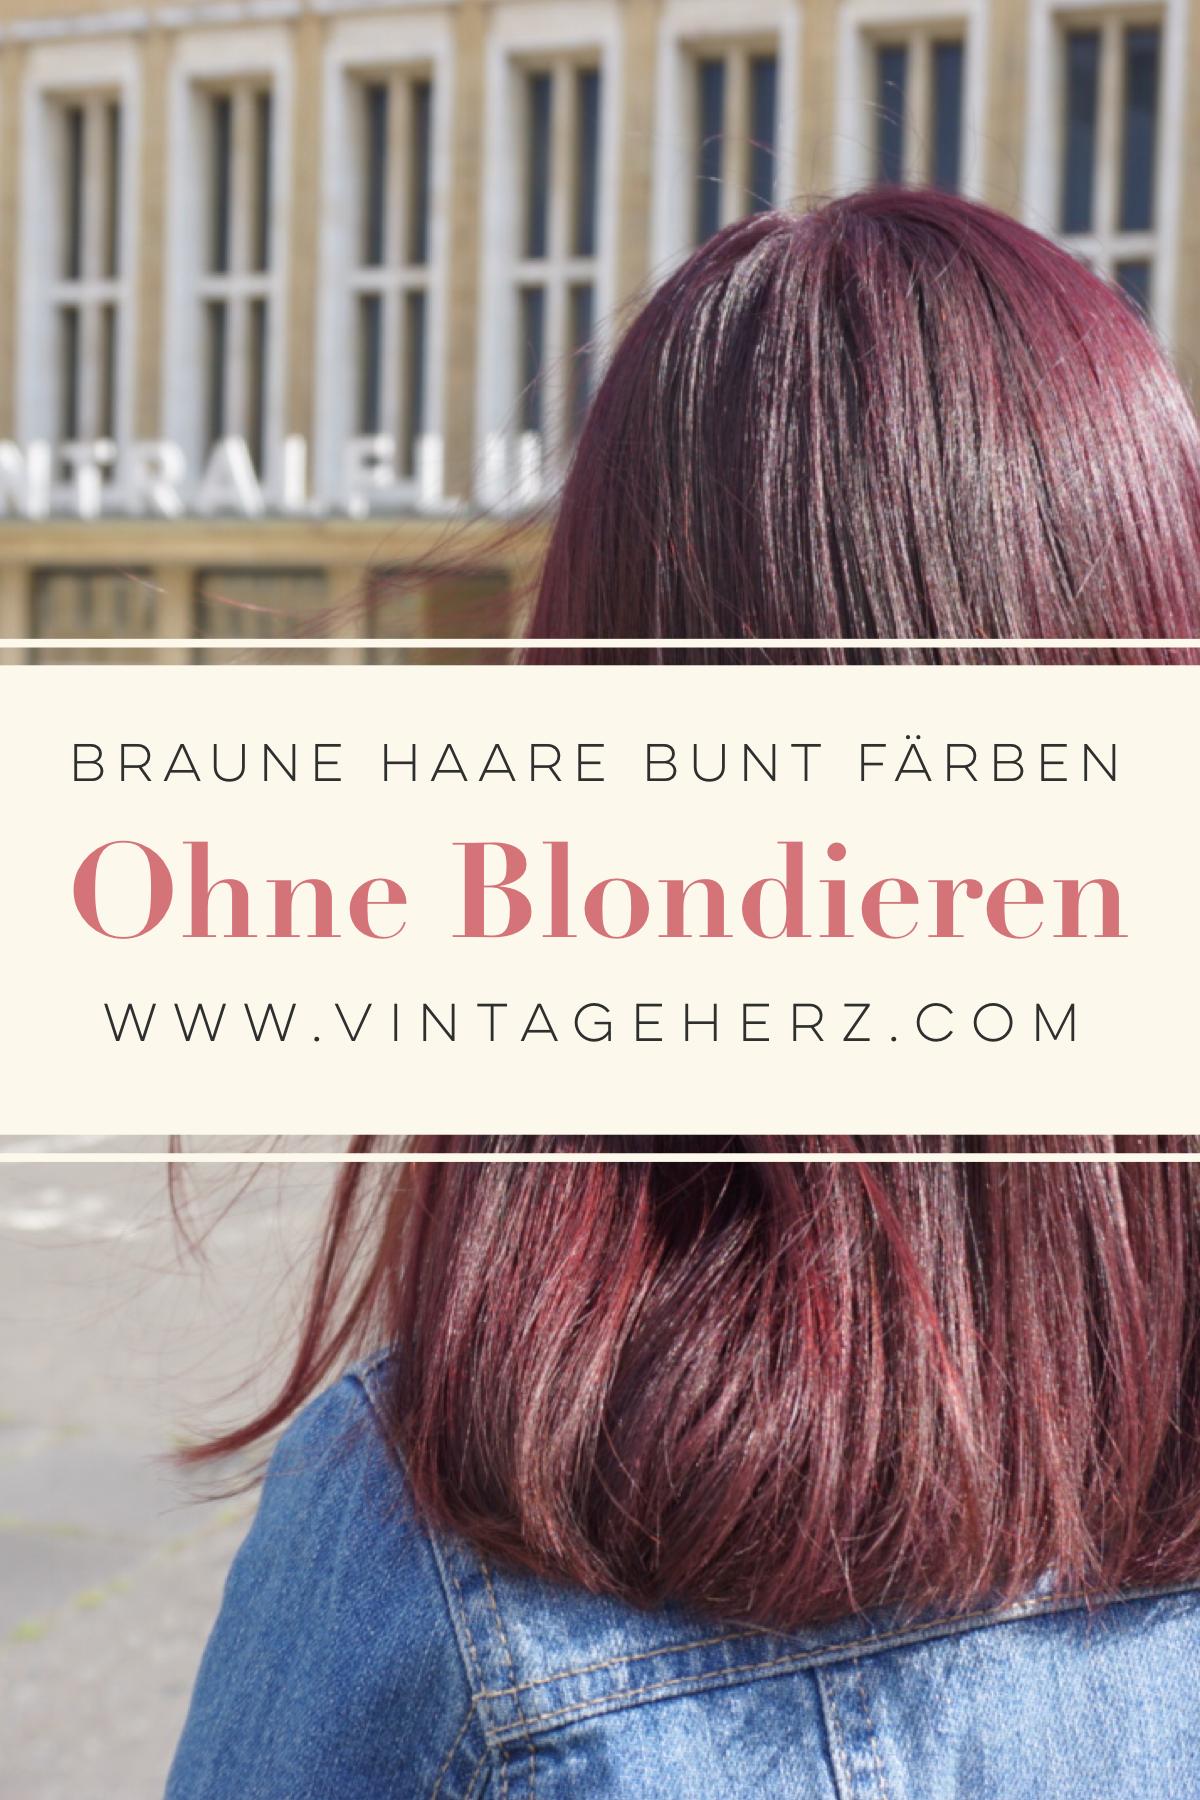 Dunkle Und Braune Haaren Mit Directions Bunt Farben Ohne Blondieren